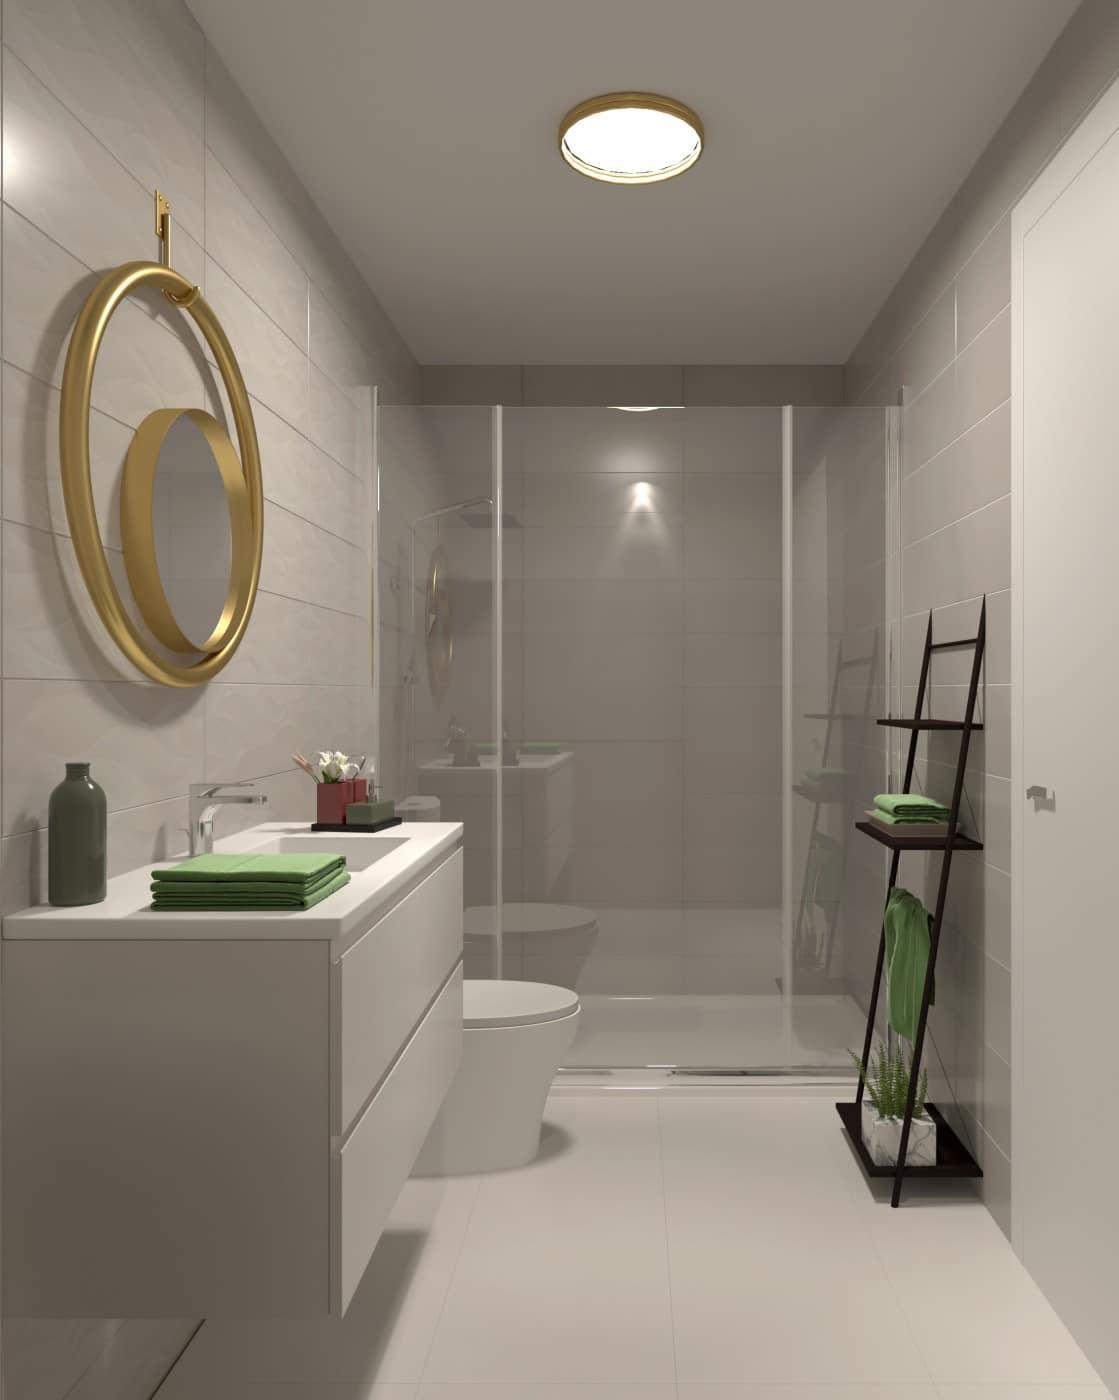 nowe-apartamenty-w-kompleksie-z-pieknymi-basenami-4-17908